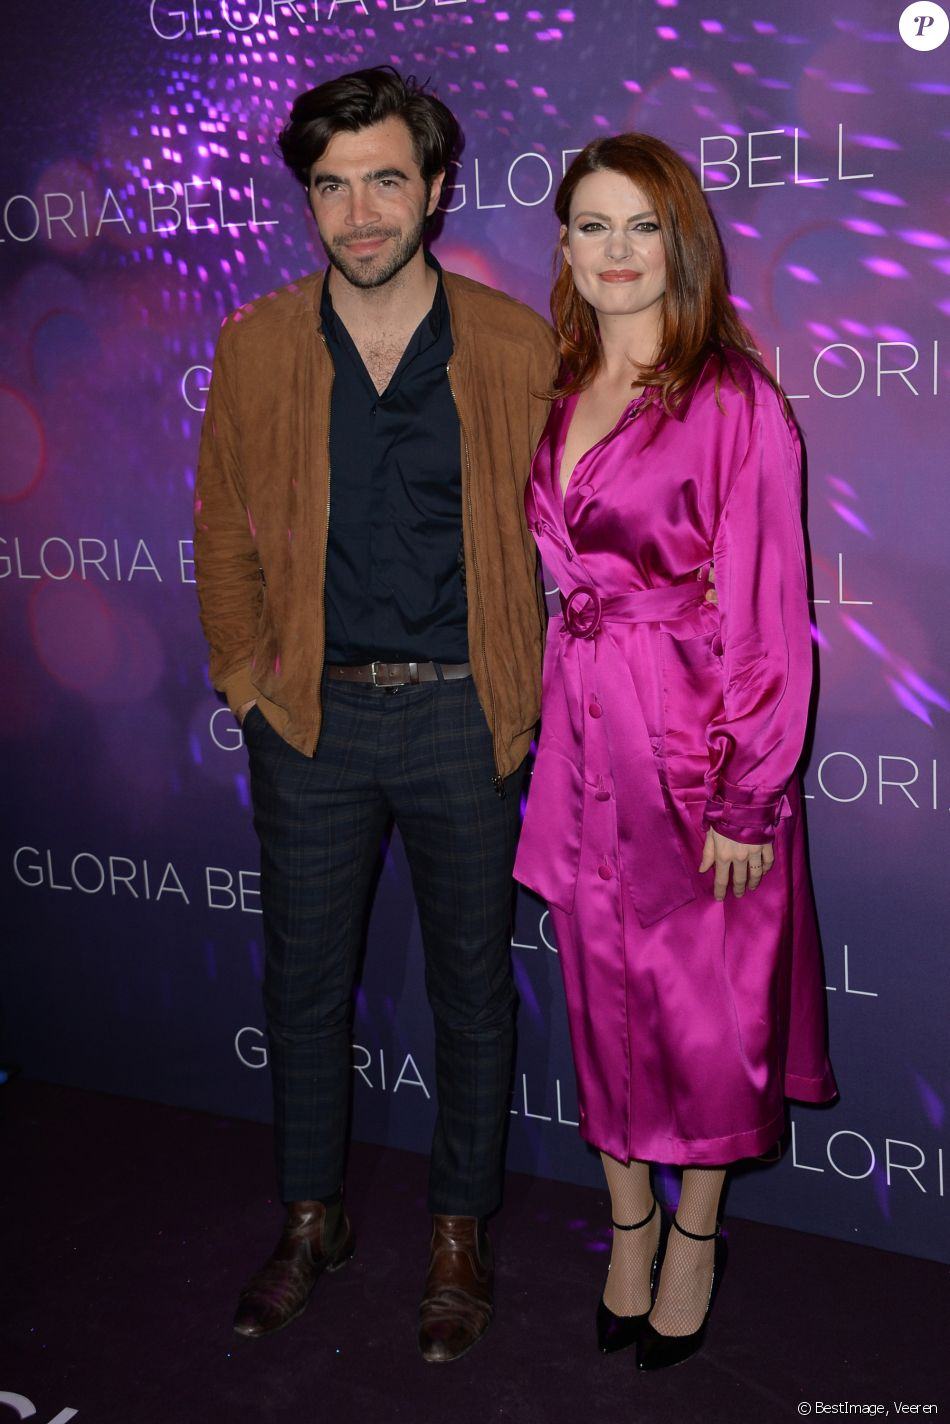 """Elodie Frégé et son compagnon Gian Marco Tavani - Avant première du film """" Gloria Bell """" à Paris le 15 avril 2019 . © Veeren/Bestimage"""